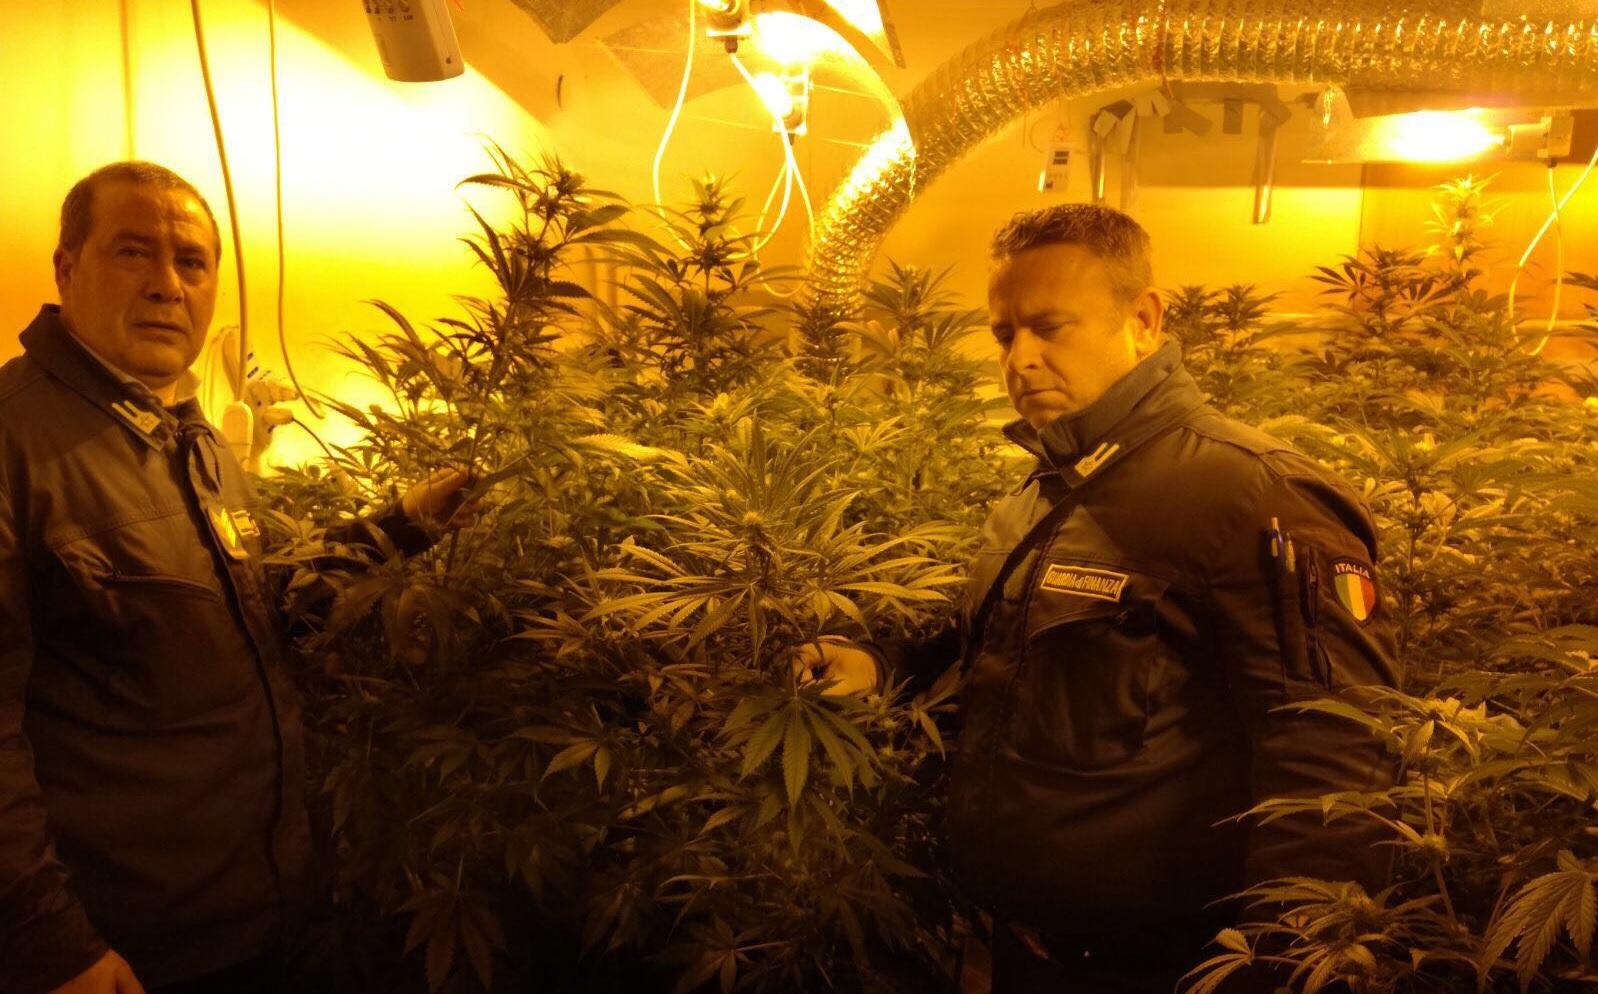 Piantagione di marijuana scoperta in un casolare dalla Finanza